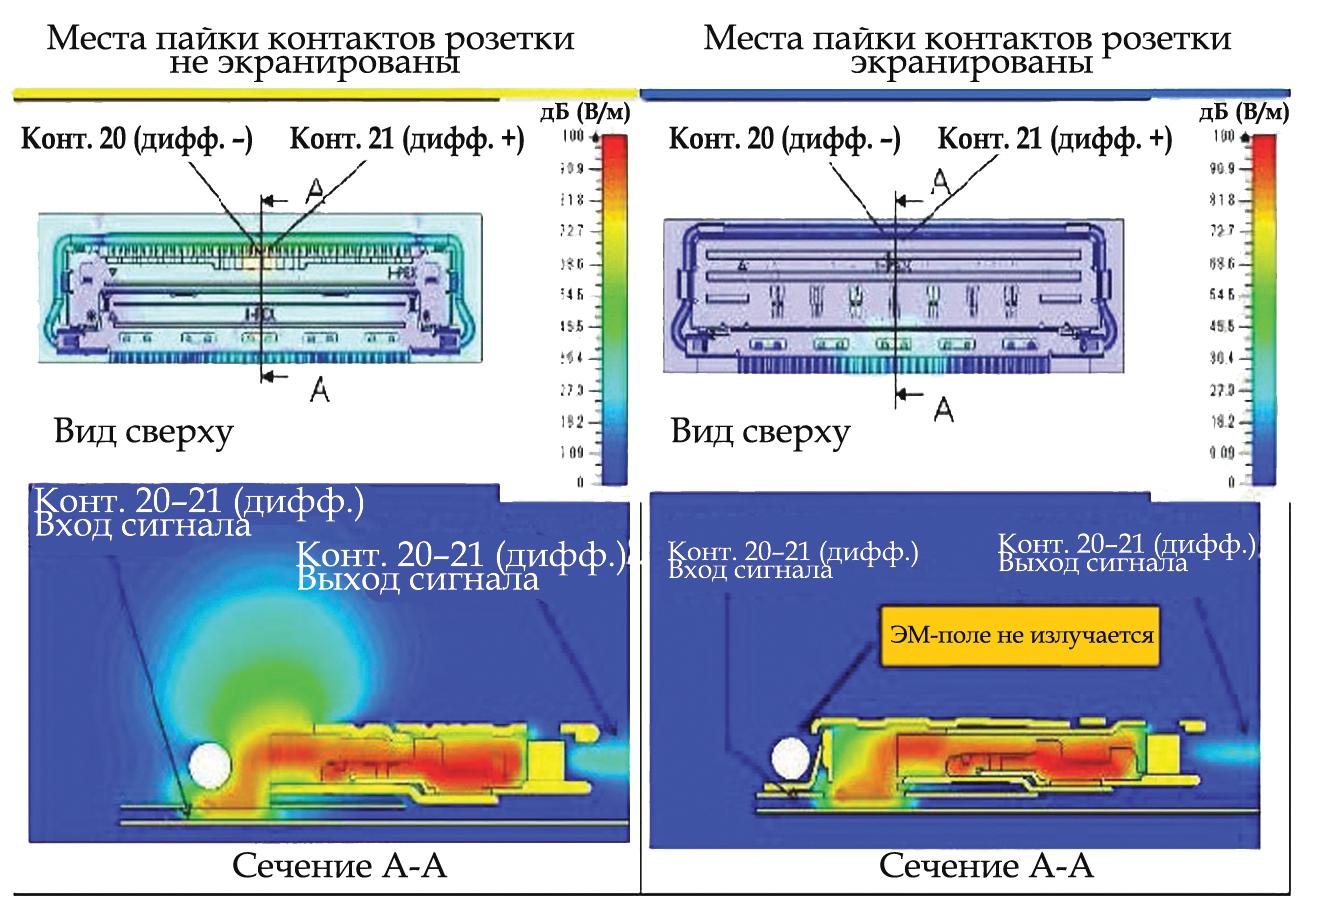 Результаты моделирования напряженности электрического поля на частоте 20 ГГц